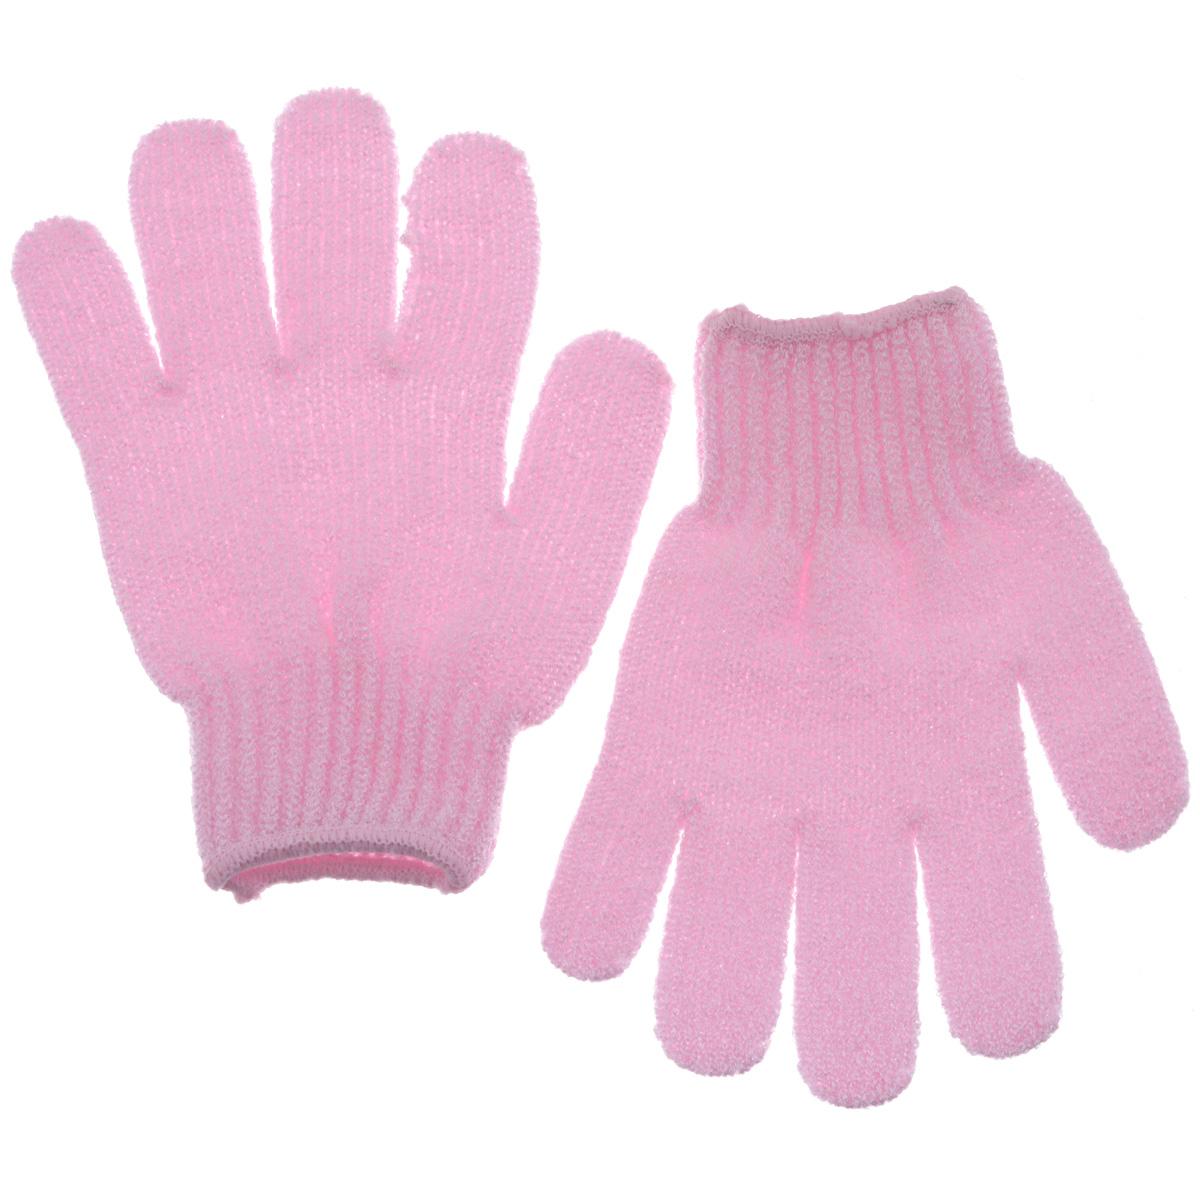 Riffi Перчатки для пилинга, цвет: розовый5010777139655Эластичные безразмерные перчатки Riffi обладают активным антицеллюлитным эффектом и отличным пилинговым действием, тонизируя, массируя и эффективно очищая вашу кожу. Riffi освобождает кожу от отмерших клеток, стимулирует регенерацию. Эффективно предупреждают образование целлюлита и обеспечивают омолаживающий эффект. Кожа становится гладкой, упругой и лучше готовой к принятию косметических средств. Интенсивный и пощипывающе свежий массаж тела с применением Riffi стимулирует кровообращение, активирует кровоснабжение, способствует обмену веществ. В комплекте 1 пара перчаток. Характеристики:Материал: 100% полиакрил. Размер перчатки (в нерастянутом виде): 17,5 см x 12,5 см. Артикул:615.